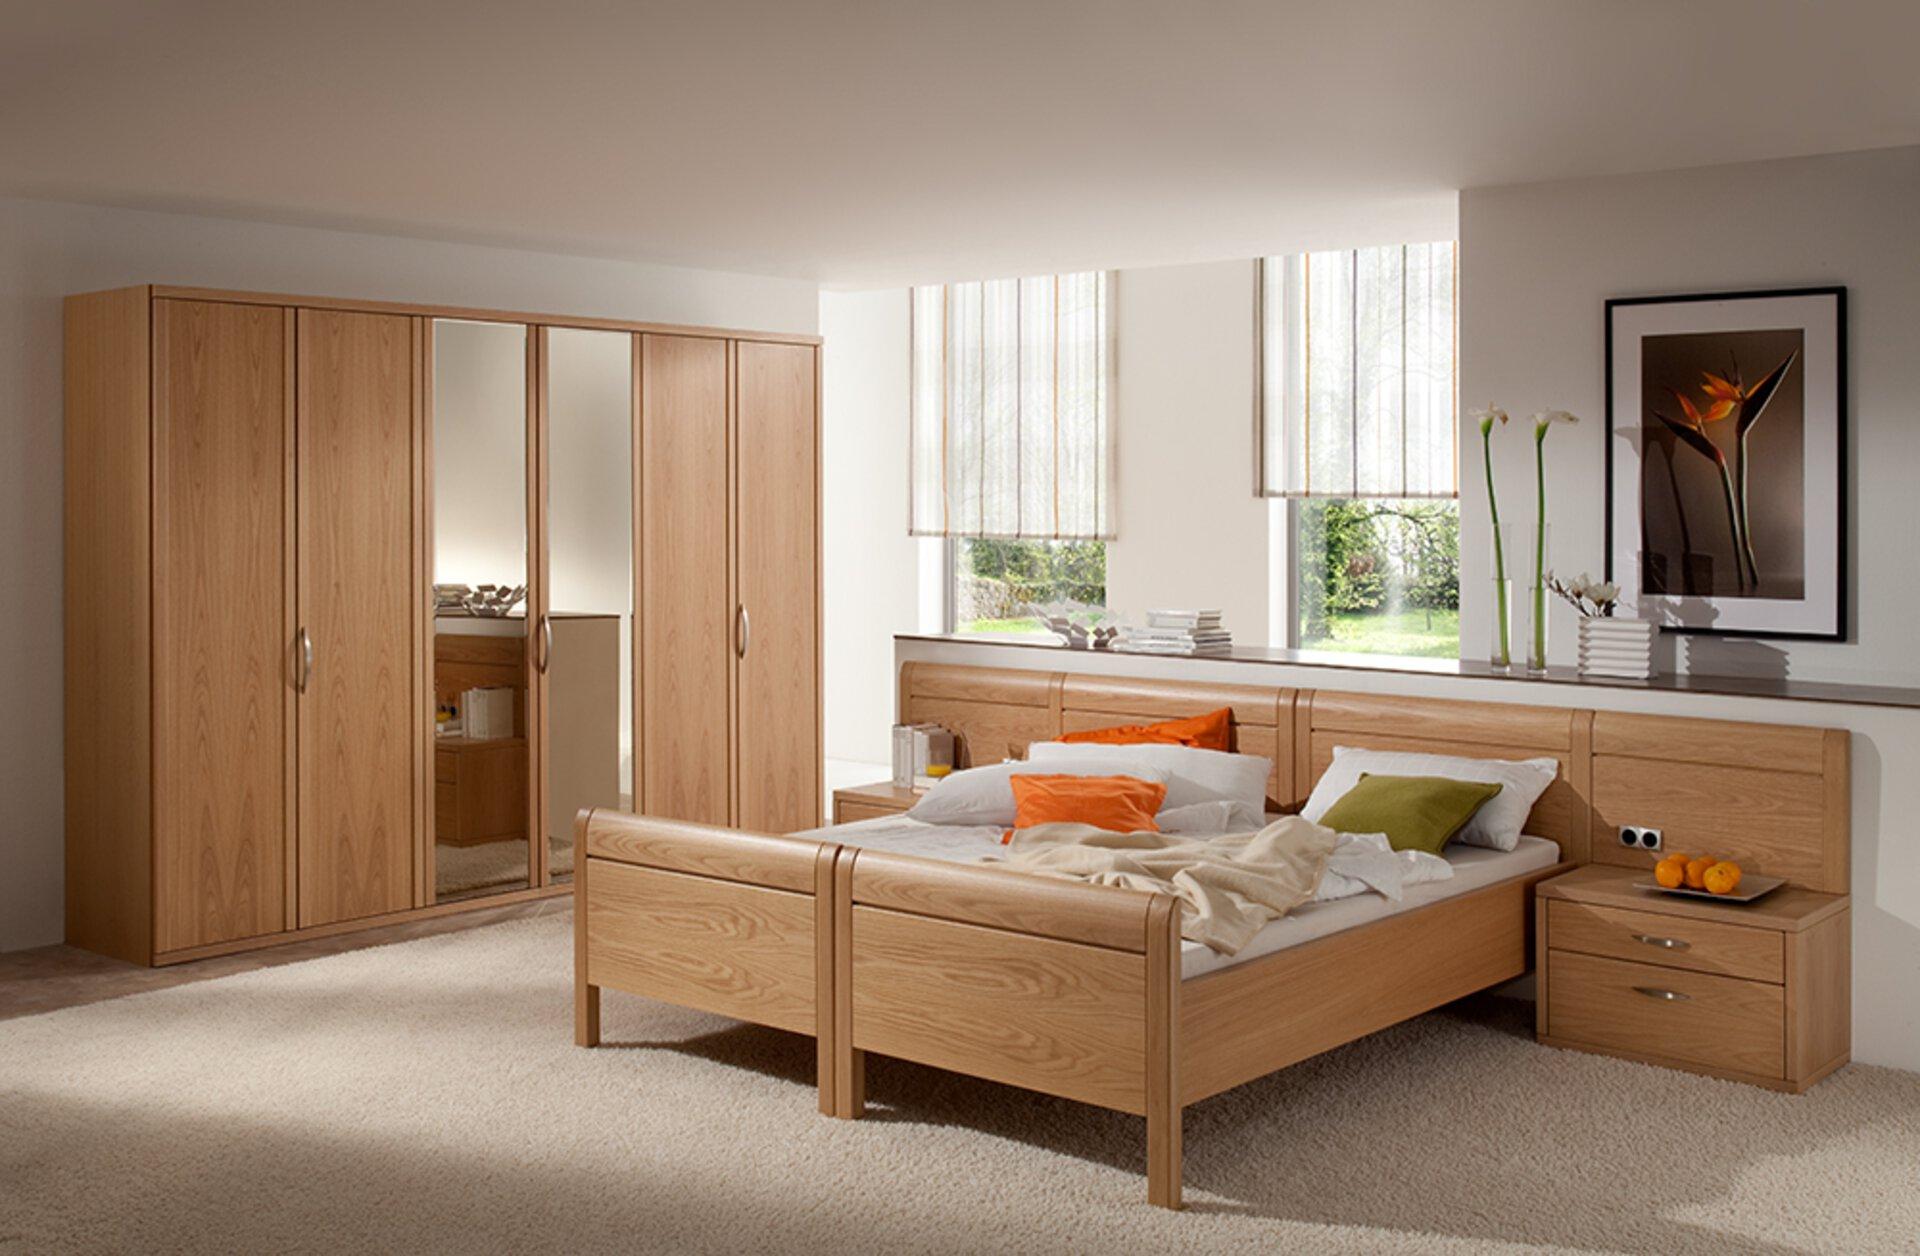 Schlafzimmer MORANI Dietz Holzwerkstoff mehrfarbig